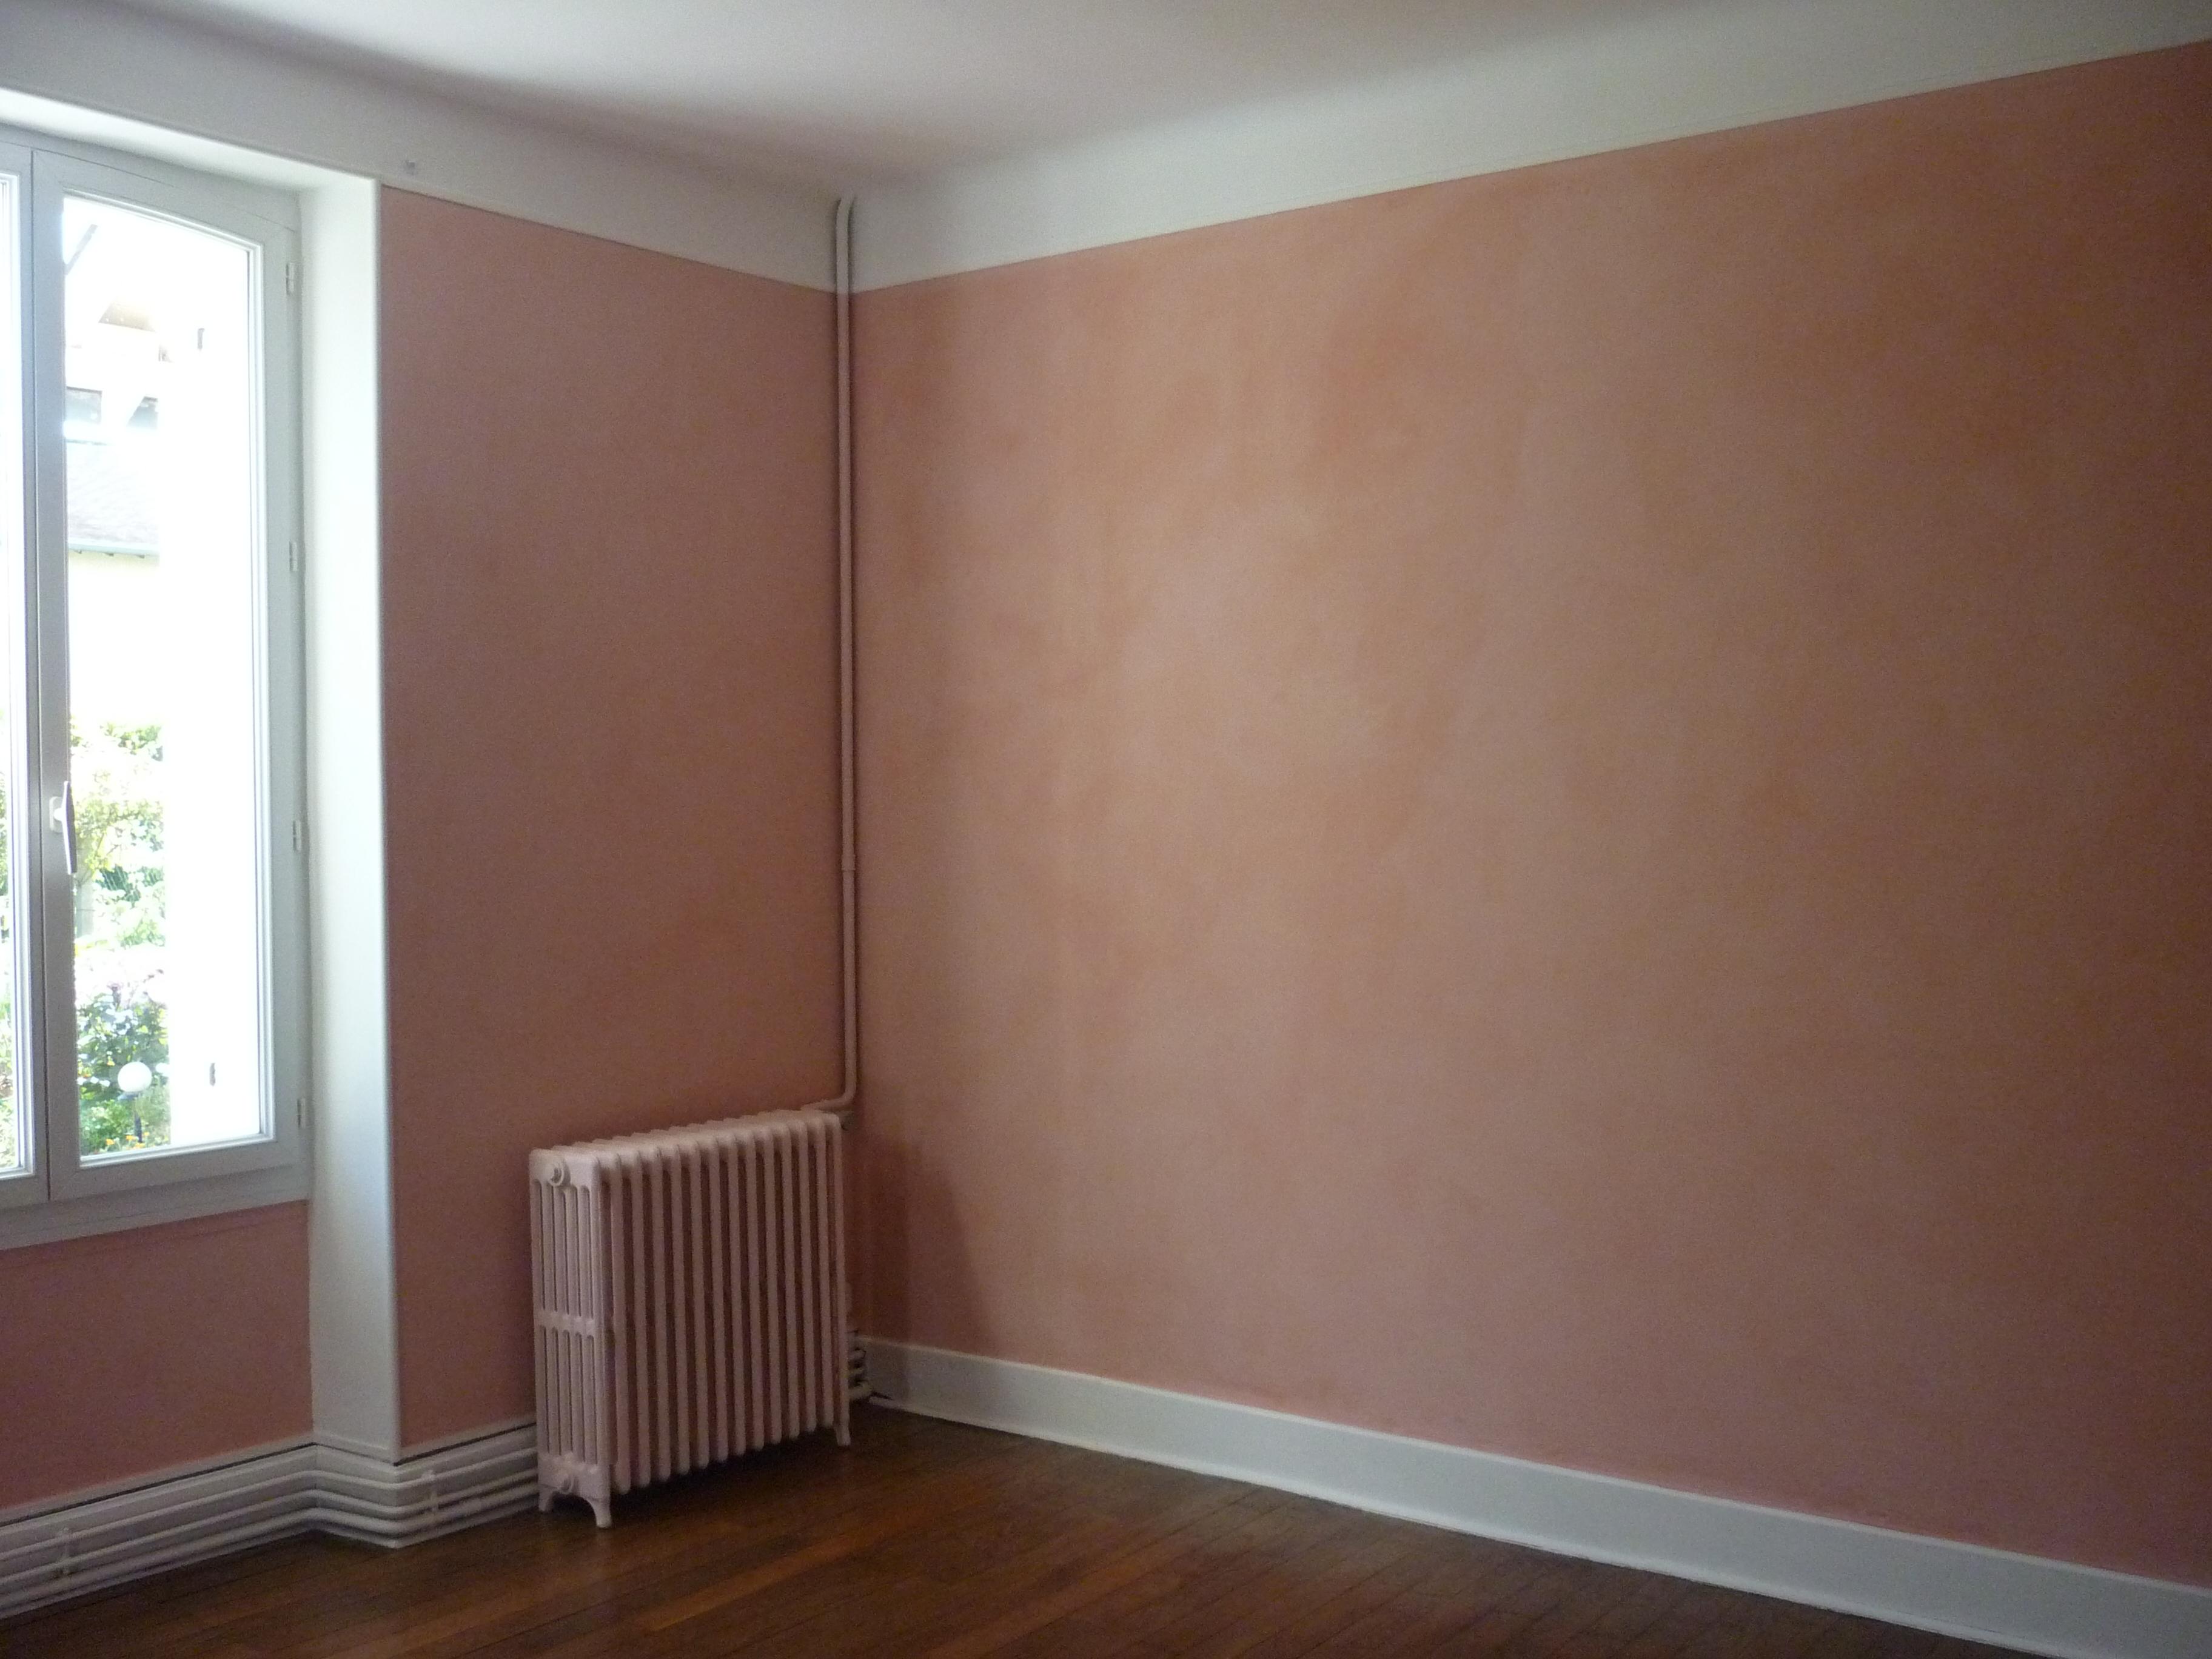 Chambre couleur vieux rose - Chambre rose fushia ...